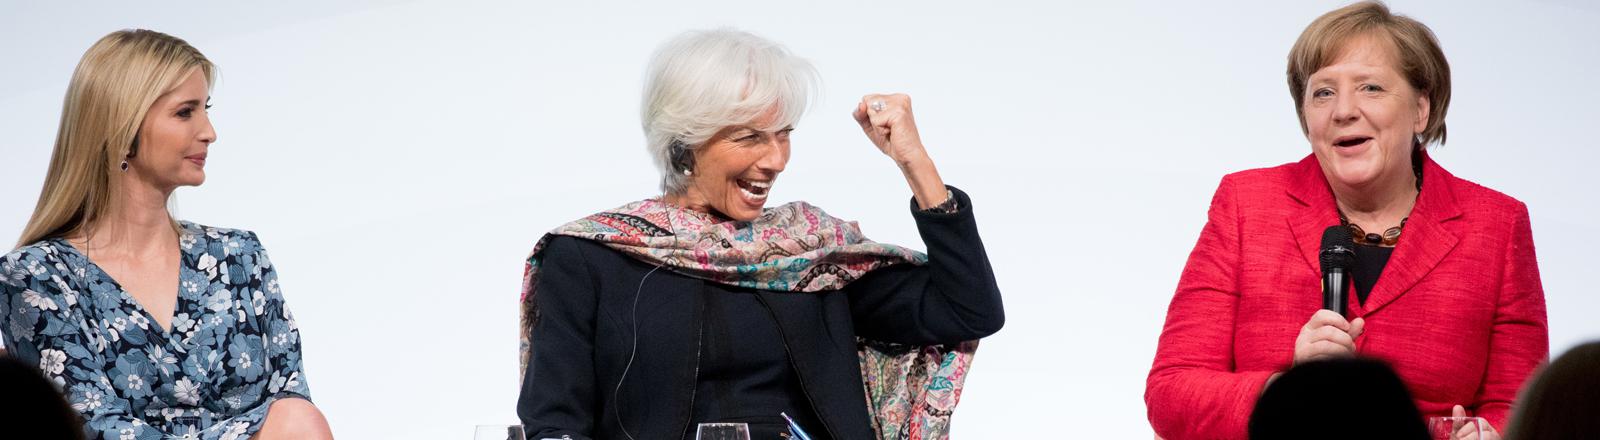 Ivanka Trump (l-r), die Tochter und Beraterin des US-Präsidenten, IWF-Chefin Christine Lagarde und Bundeskanzlerin Angela Merkel (CDU) sprechen am 25.04.2017 in Berlin